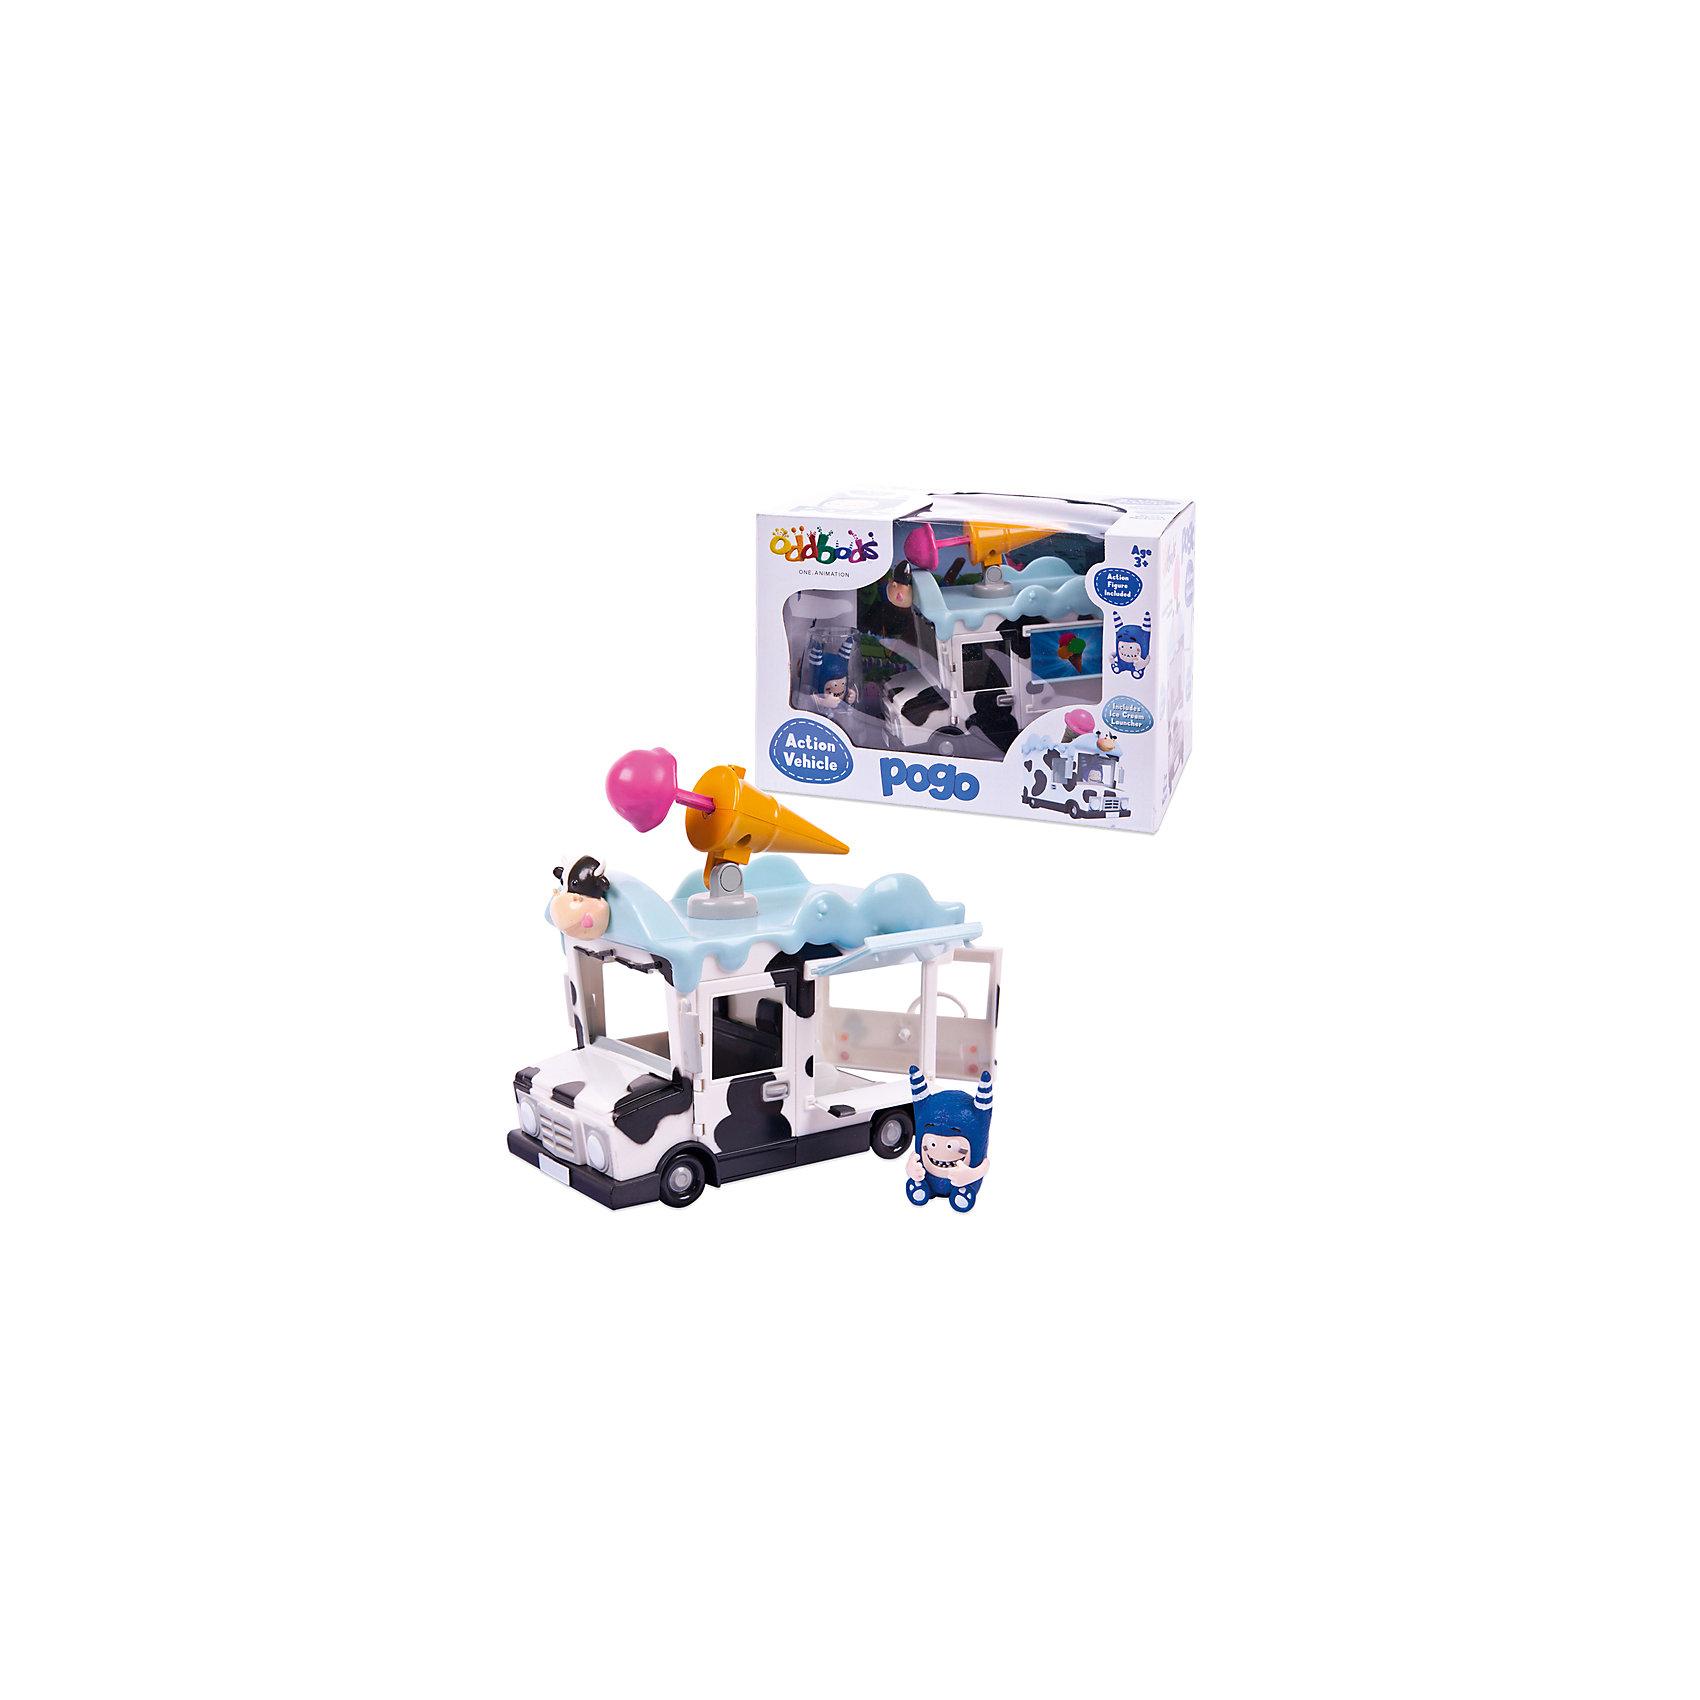 Набор Чуддики Фигурка Пого в наборе c машинкой, 4 см, OddbodsЛюбимые герои<br>Набор Чуддики Фигурка Пого в наборе c машинкой, 4 см, Oddbods (Оддбодики)<br><br>Характеристики:<br><br>• в комплекте: фигурка Пого, машинка, снаряд<br>• высота фигурки: 4 см<br>• материал: пластик<br>• размер упаковки: 15,6х16х23 см<br>• вес: 375 грамм<br><br>Oddbods - мультсериал о жизни забавных монстриков-телепузов. В набор Чуддики входит фигурка Пого, машинка и снаряд. Машинка имеет интересную окраску, напоминающую корову. Дверцы автомобиля открываются, а верх машины украшен забавной пушкой в виде рожка мороженого. При нажатии на кнопку рожок выстреливает снарядом мороженого. Для такого транспорта Пого всегда придумает самые необычные приключения!<br><br>Набор Чуддики Фигурка Пого в наборе c машинкой, 4 см, Oddbods (Оддбодики) вы можете купить в нашем интернет-магазине.<br><br>Ширина мм: 230<br>Глубина мм: 160<br>Высота мм: 156<br>Вес г: 375<br>Возраст от месяцев: 36<br>Возраст до месяцев: 2147483647<br>Пол: Унисекс<br>Возраст: Детский<br>SKU: 5571414